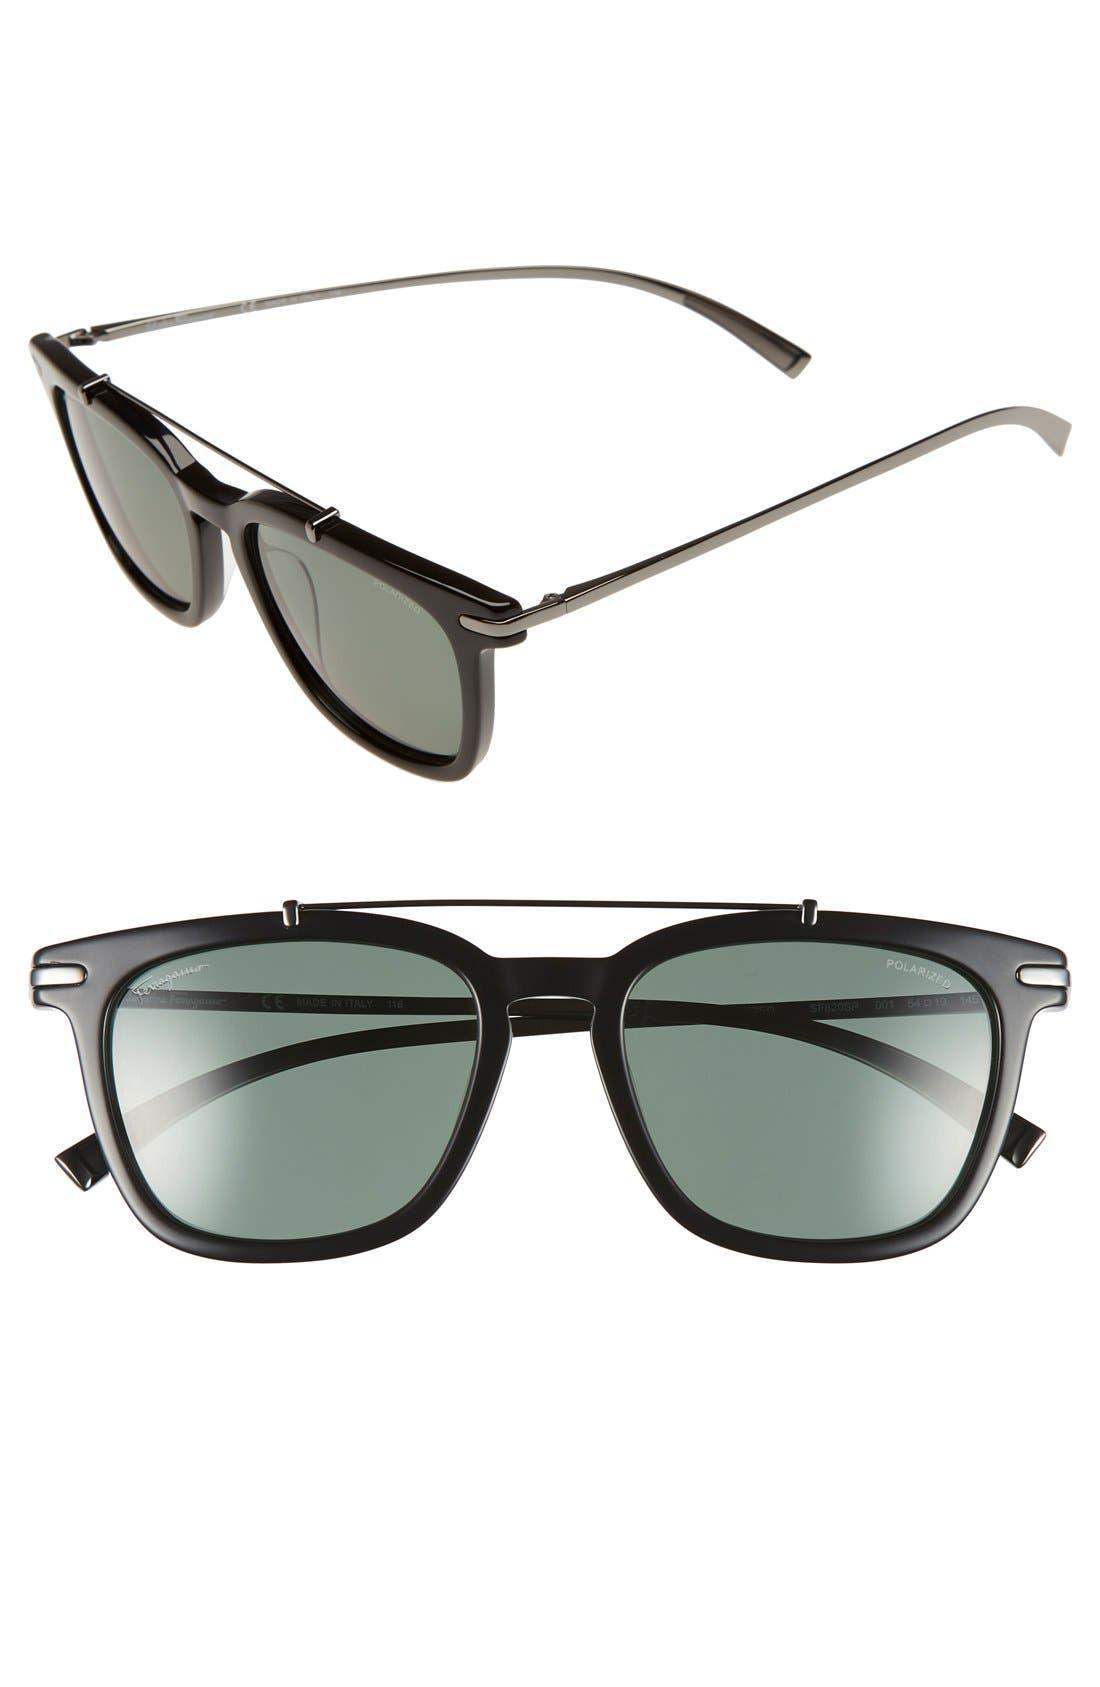 Salvatore Ferragamo 54mm Polarized Sunglasses